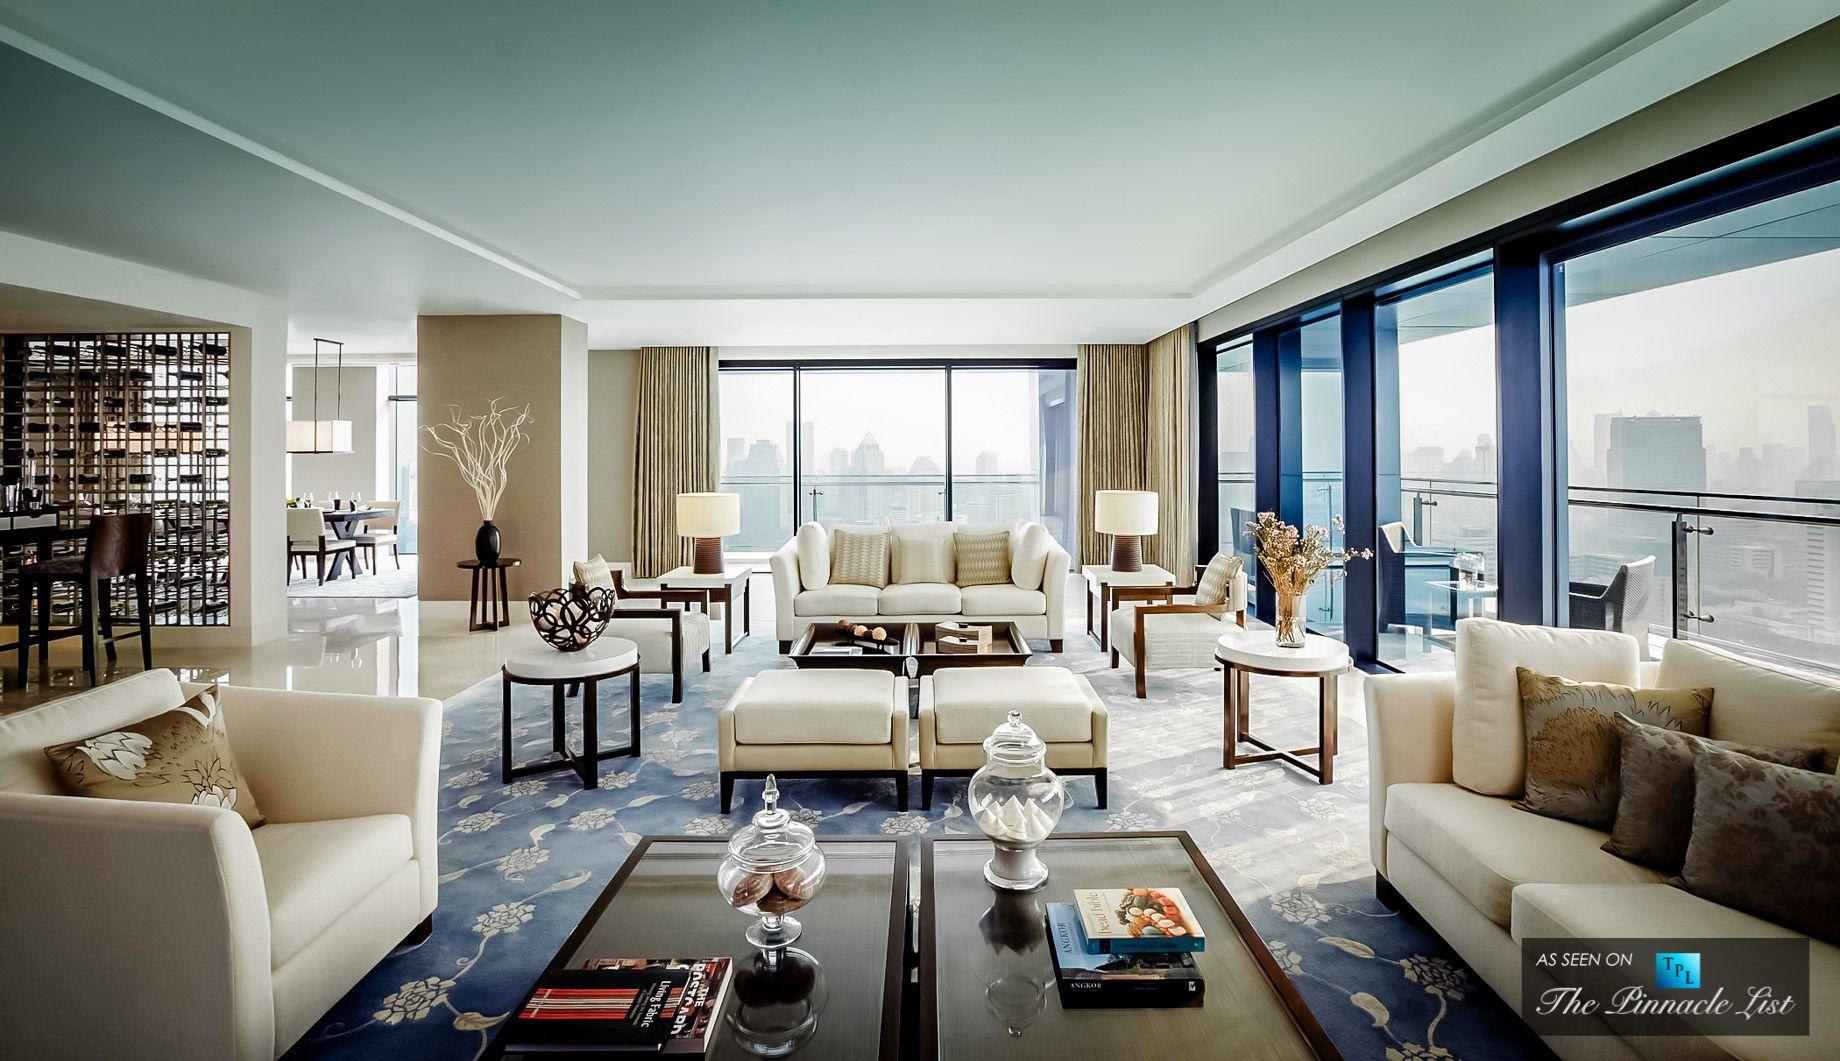 St Regis Luxury Hotel Bangkok Thailand Residence Living Room